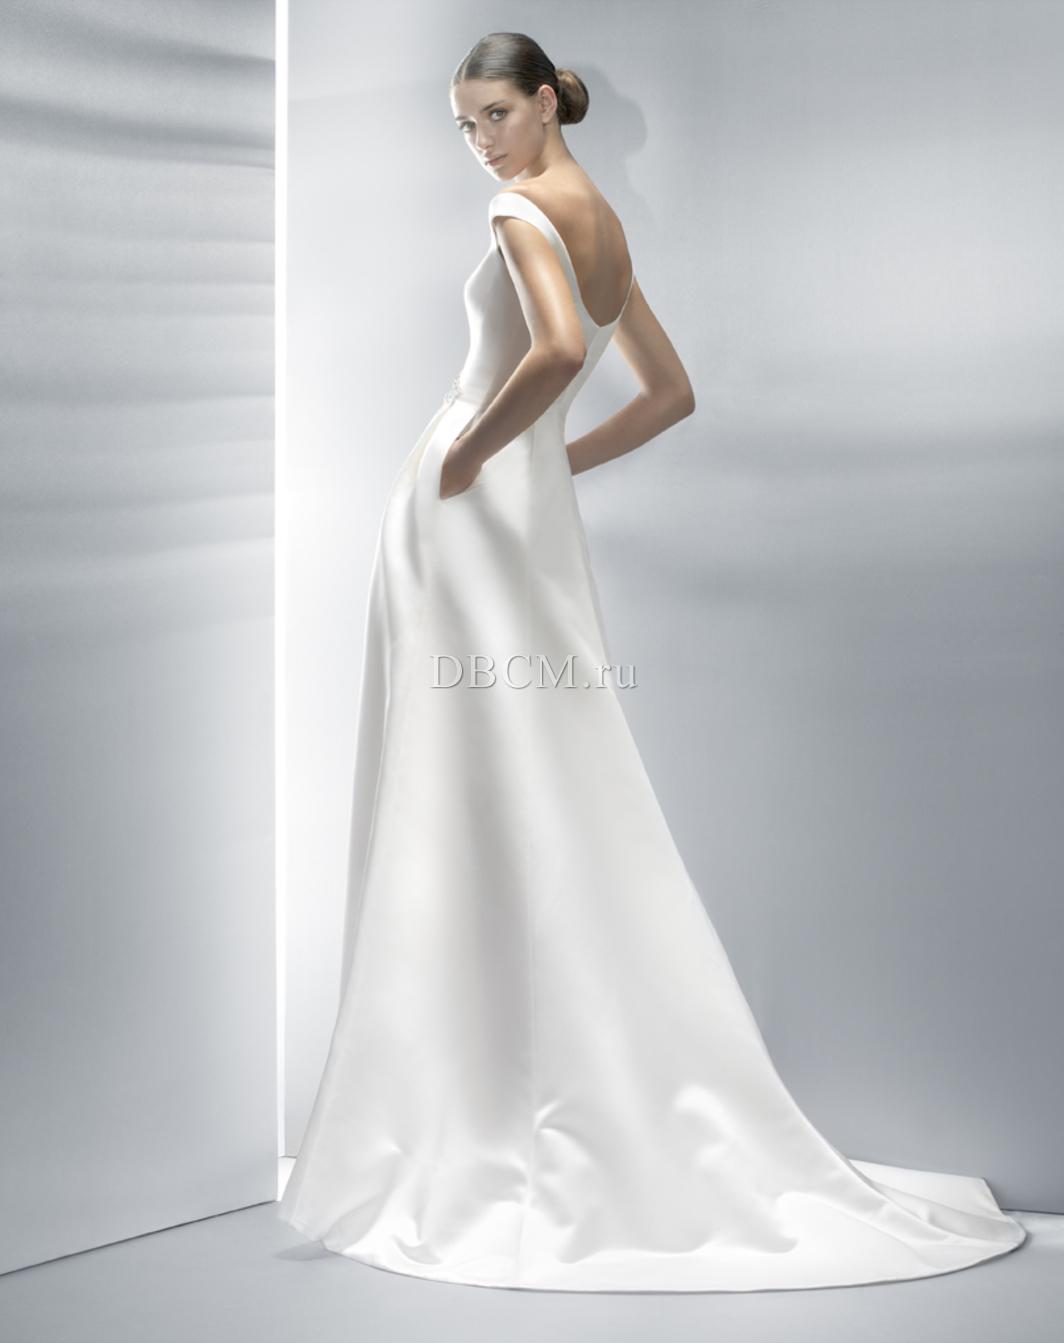 Свадебные Платья 2003 Год